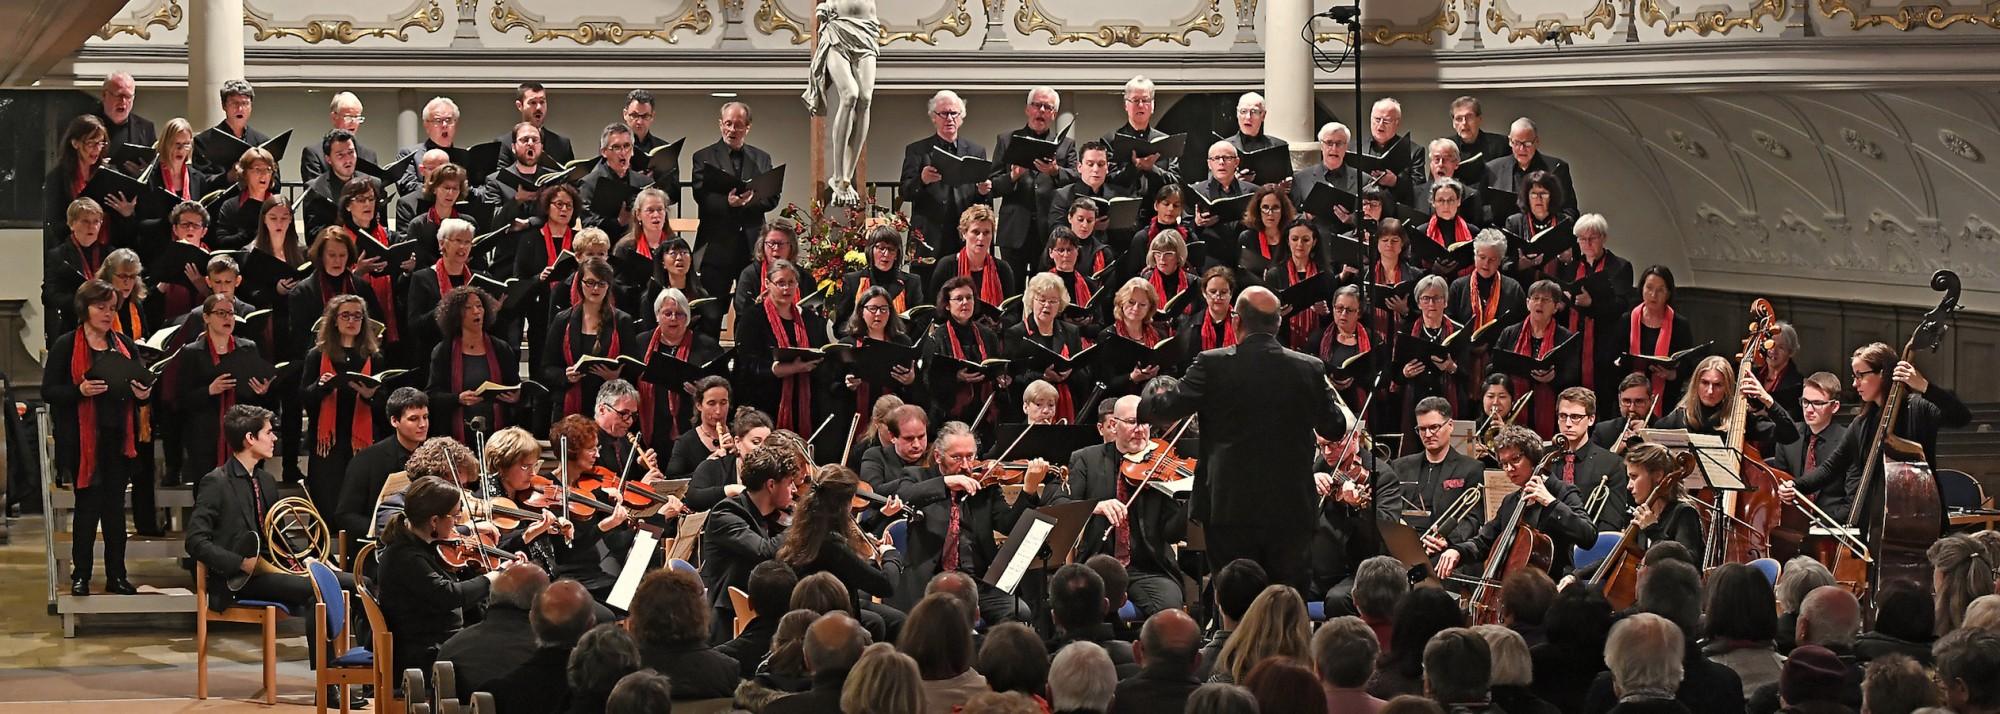 Mozarts Messe c-moll mit der Kantorei der Dreifaltigkeitskirche